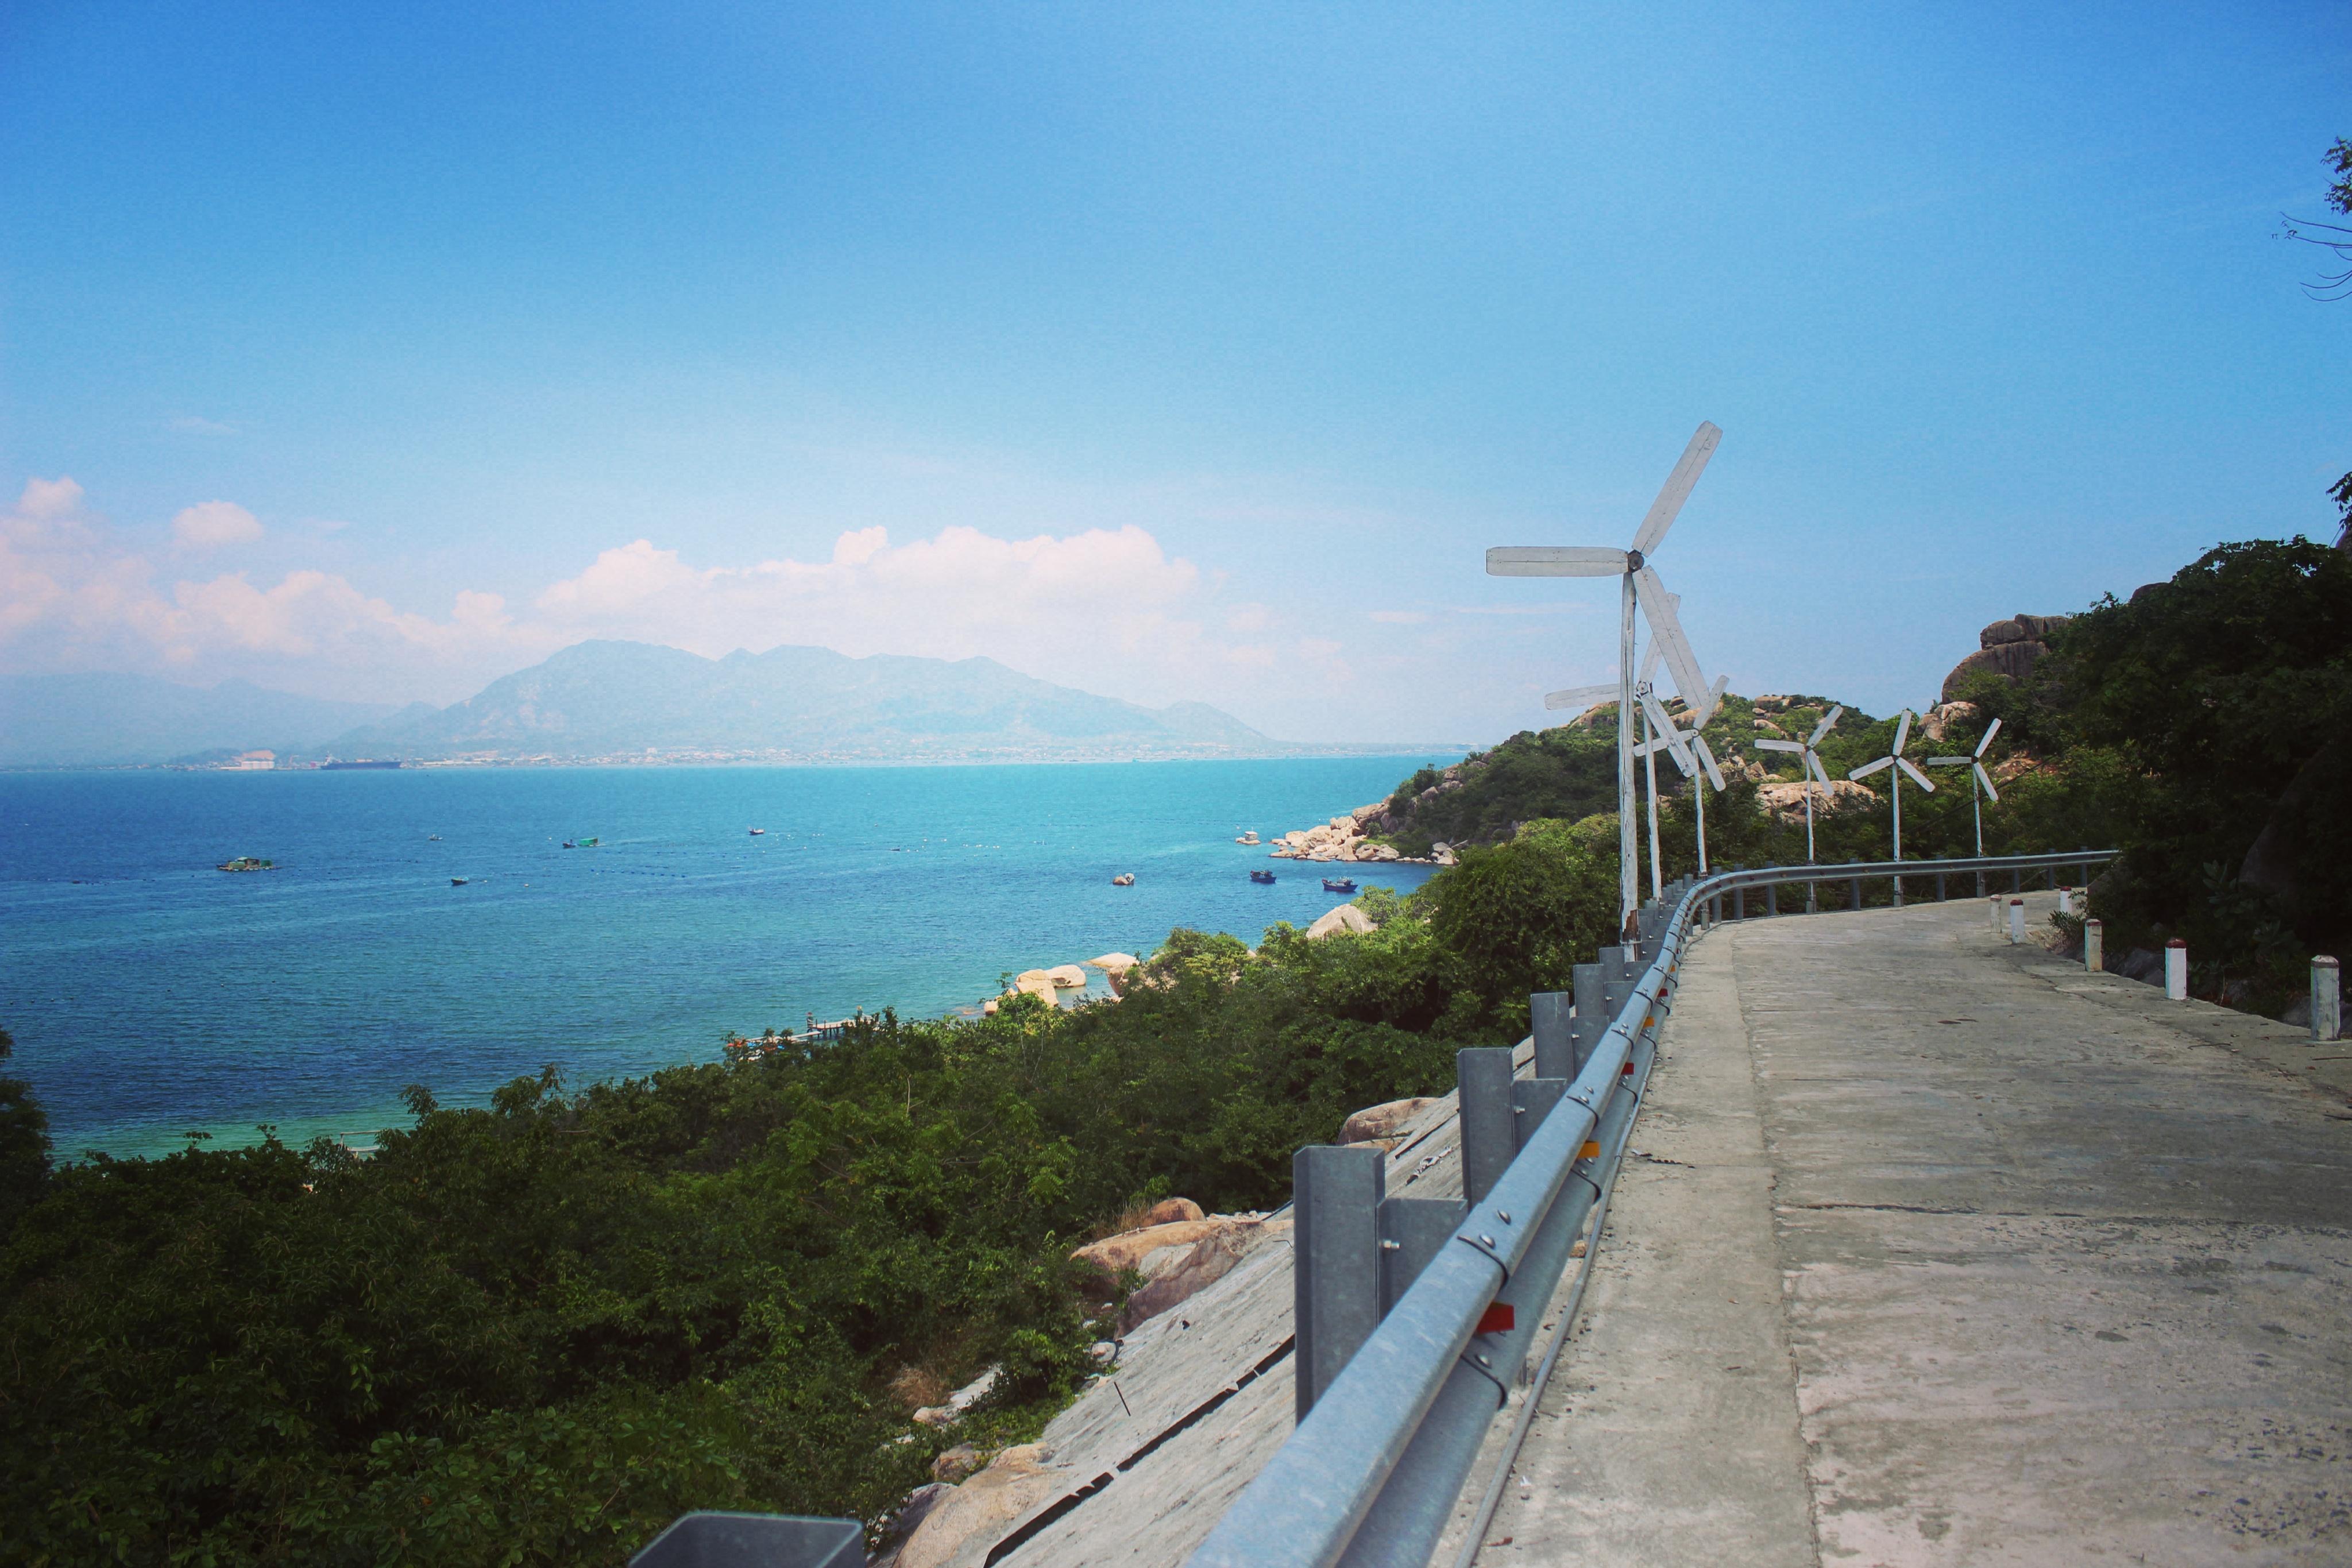 Kết quả hình ảnh cho resort sao biển